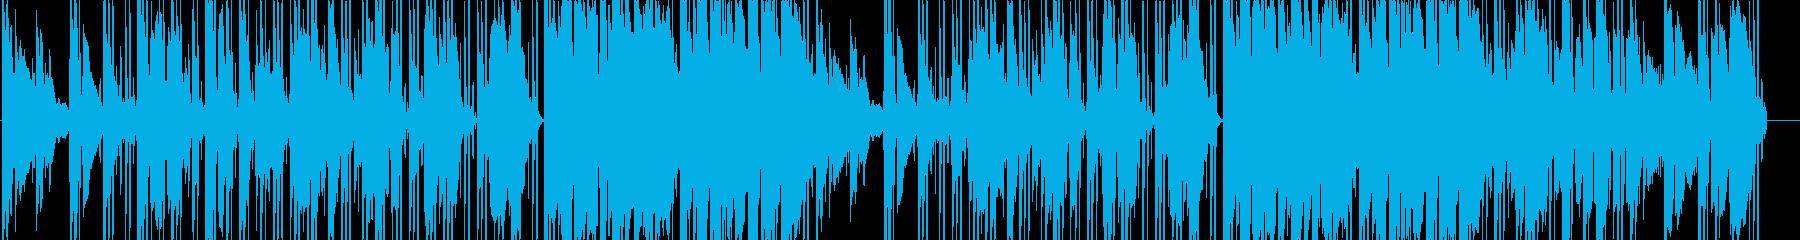 爽やかでオシャレなLO-FIの再生済みの波形